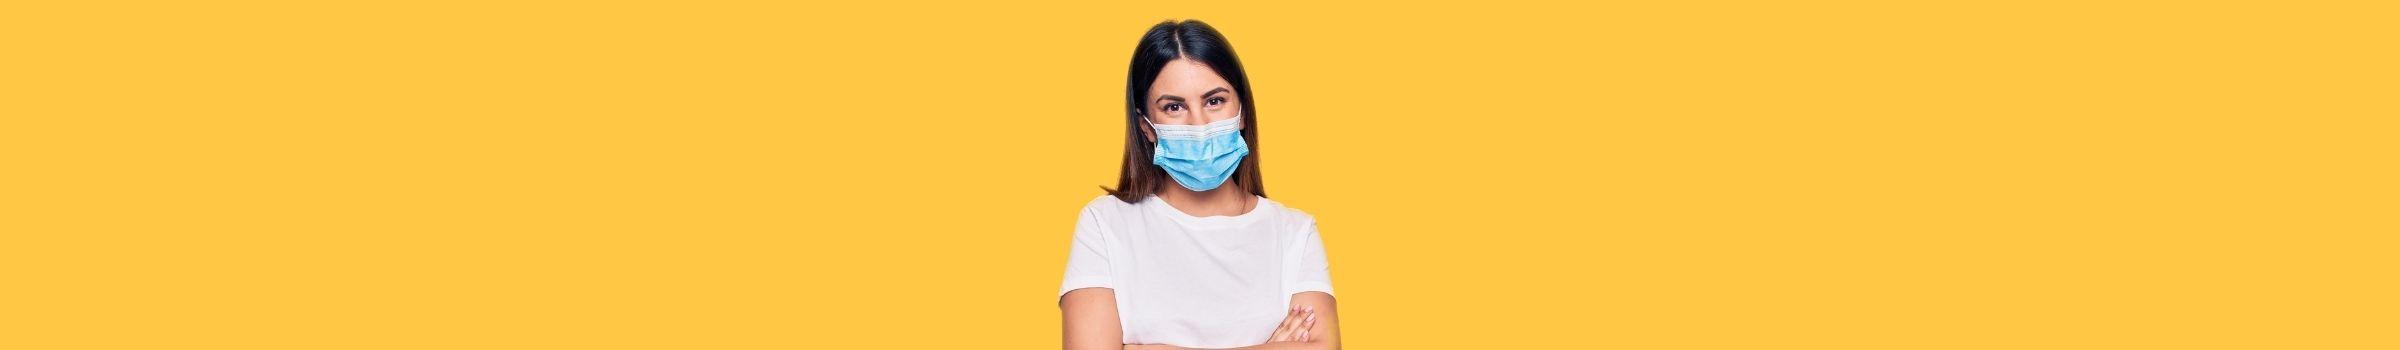 המחשה של אישה עם מסיכת פנים